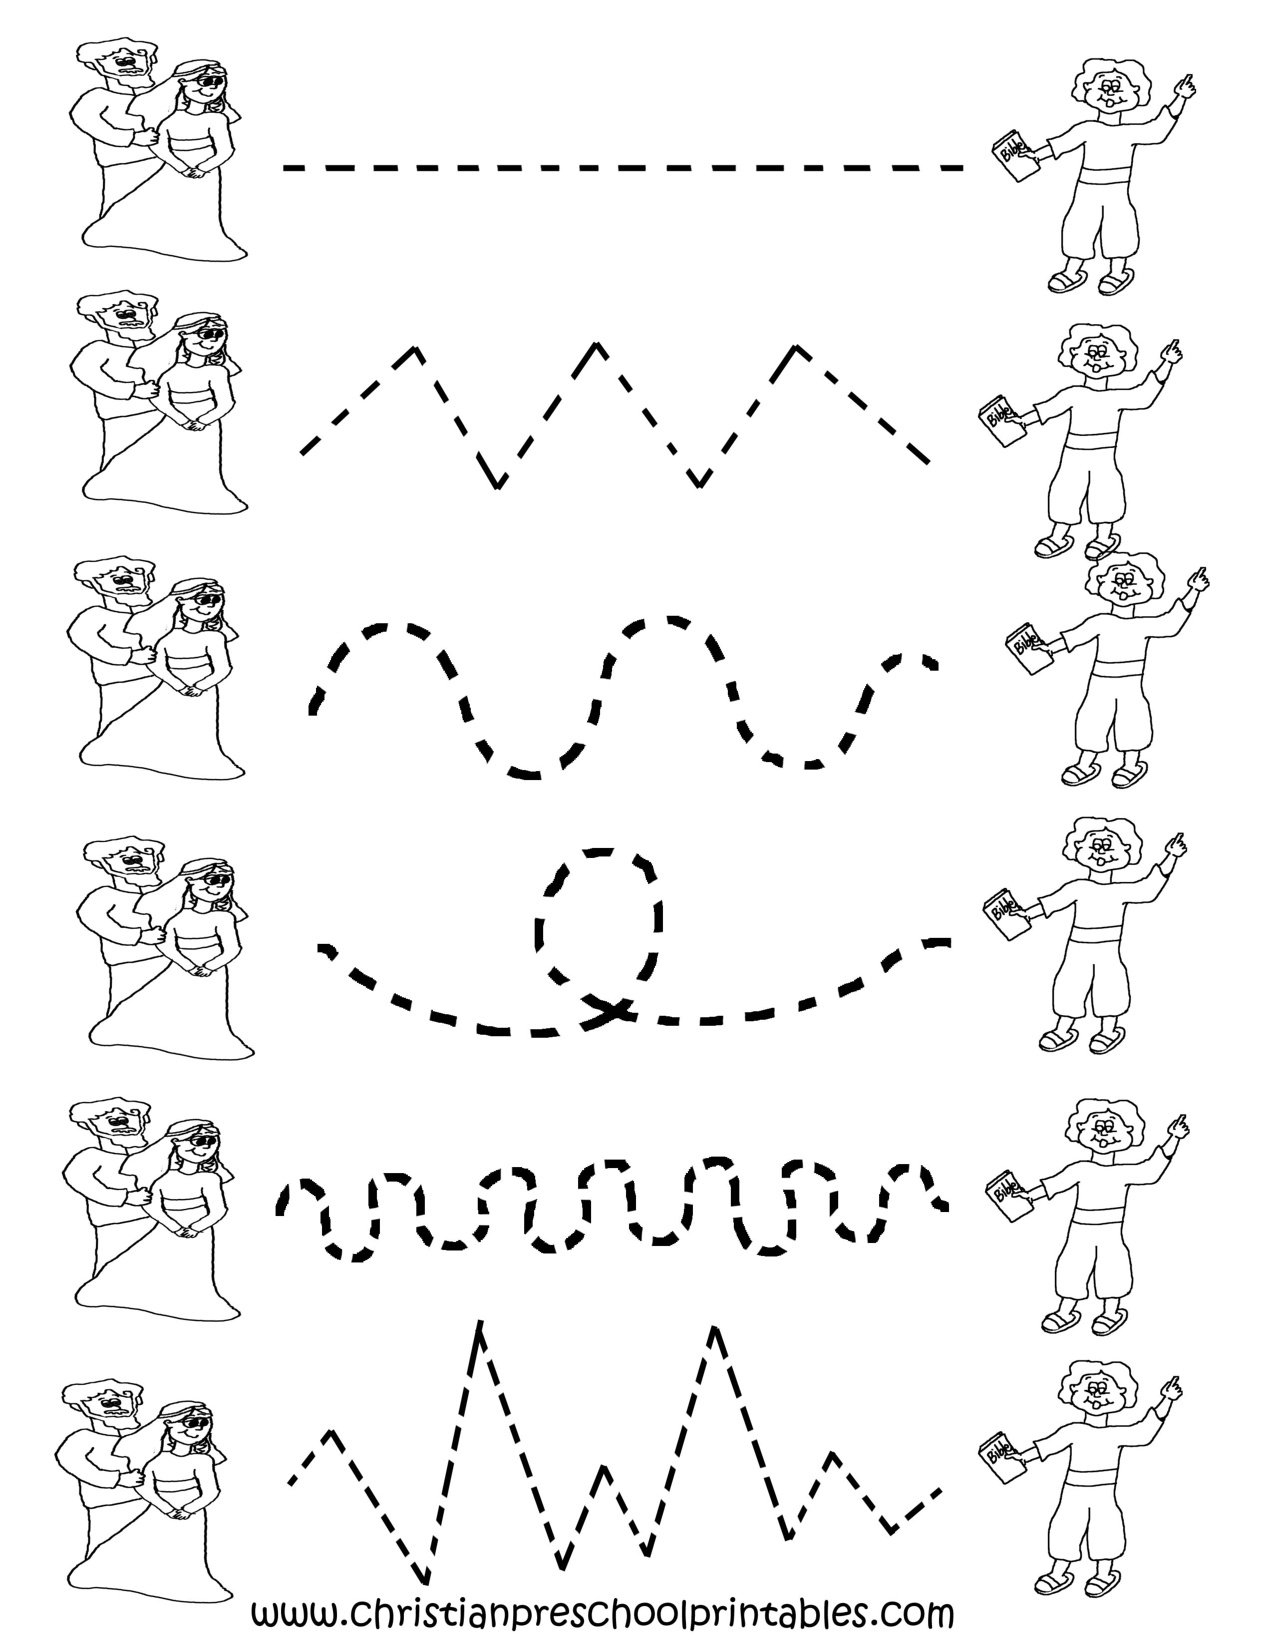 Preschool Printable Worksheets Preschool Tracing Worksheets Cakepins And Preschool Tracing Worksheets